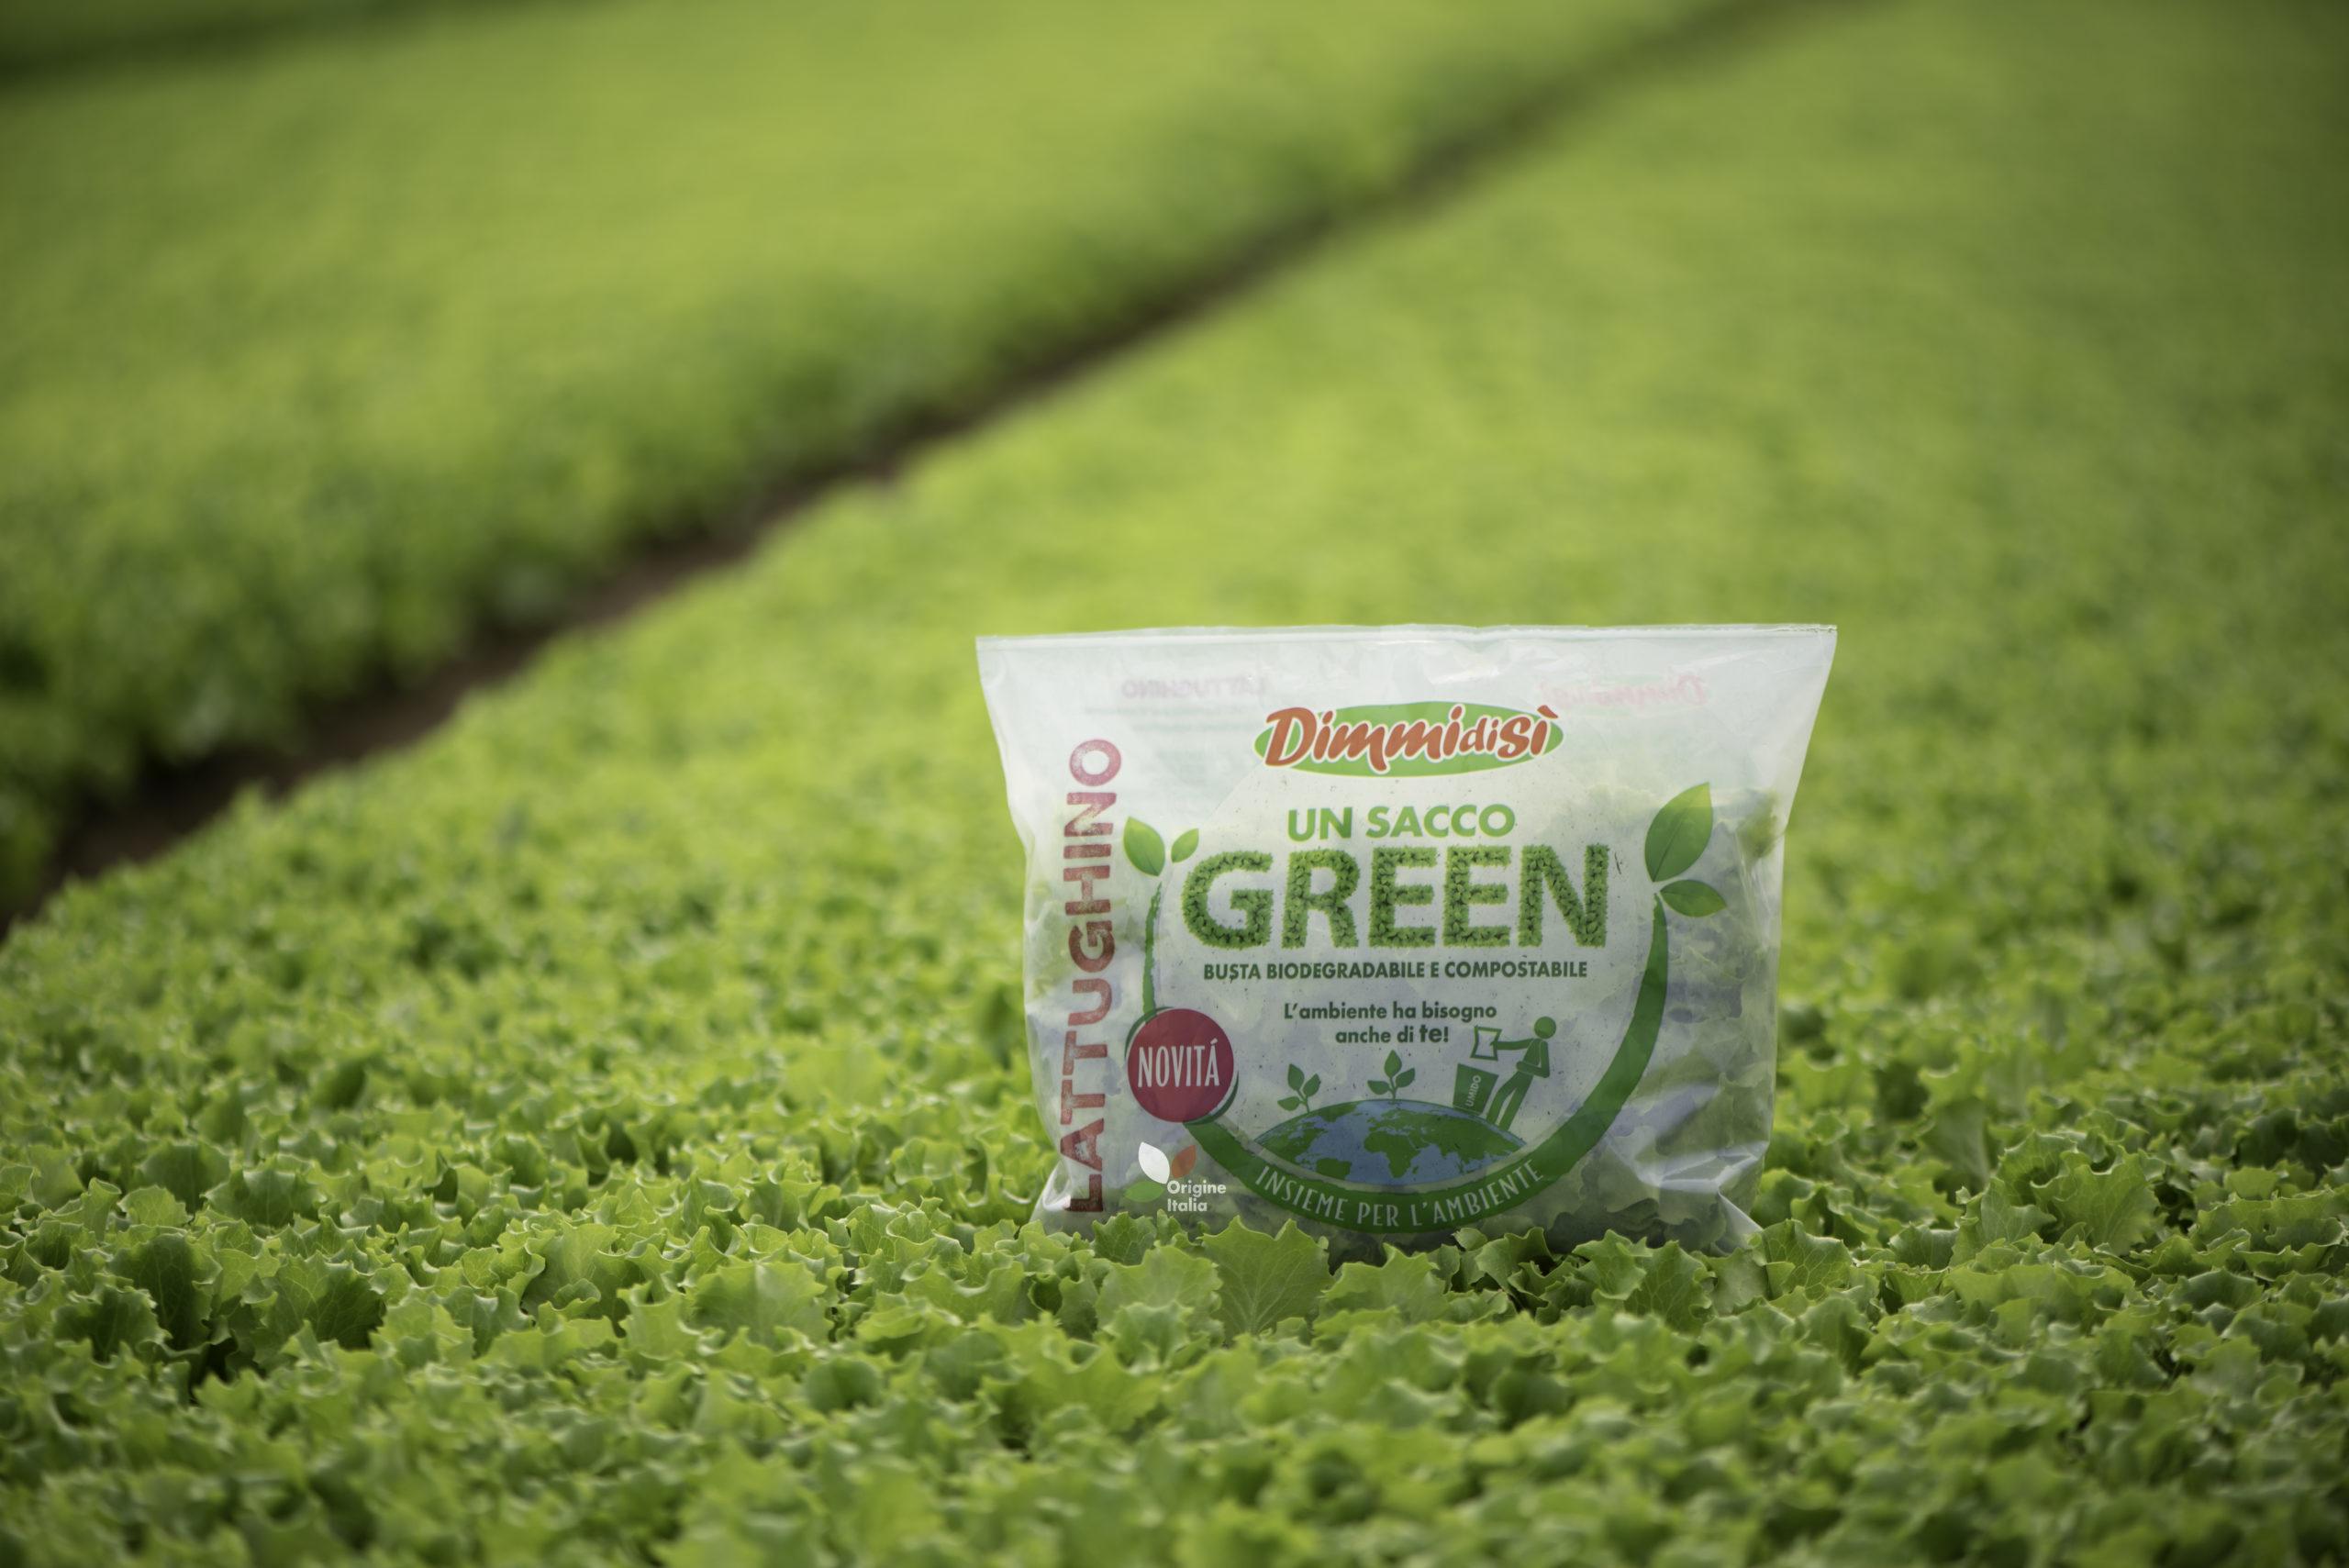 L'insalata DimmidiSì Un Sacco Green